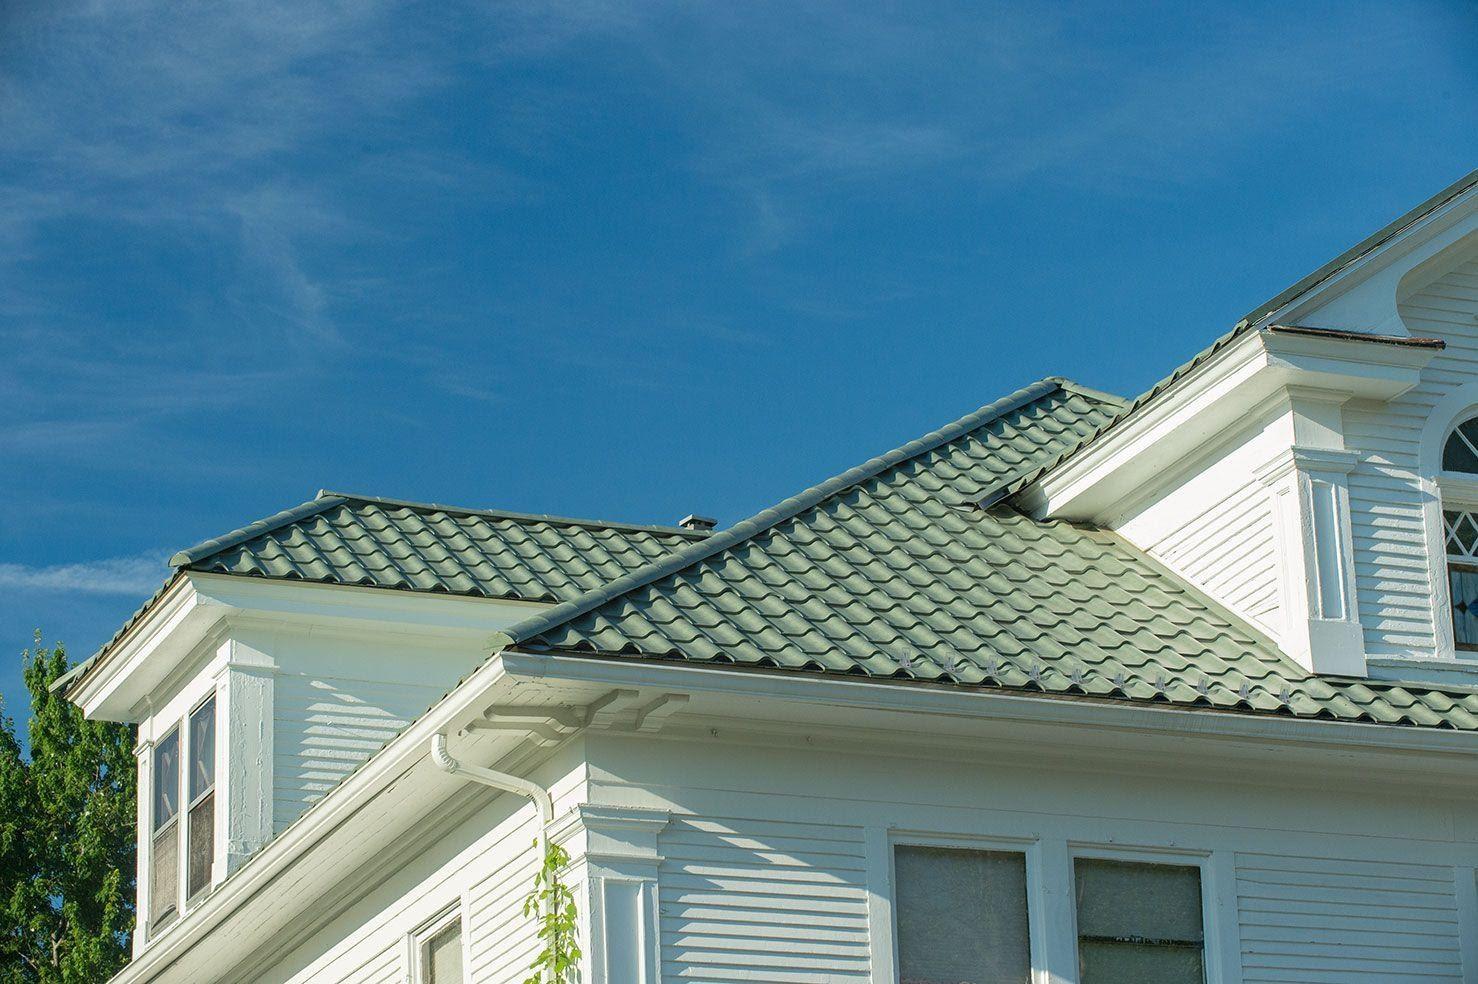 Nhà ở sử dụng tôn giả ngói màu xanh rêu